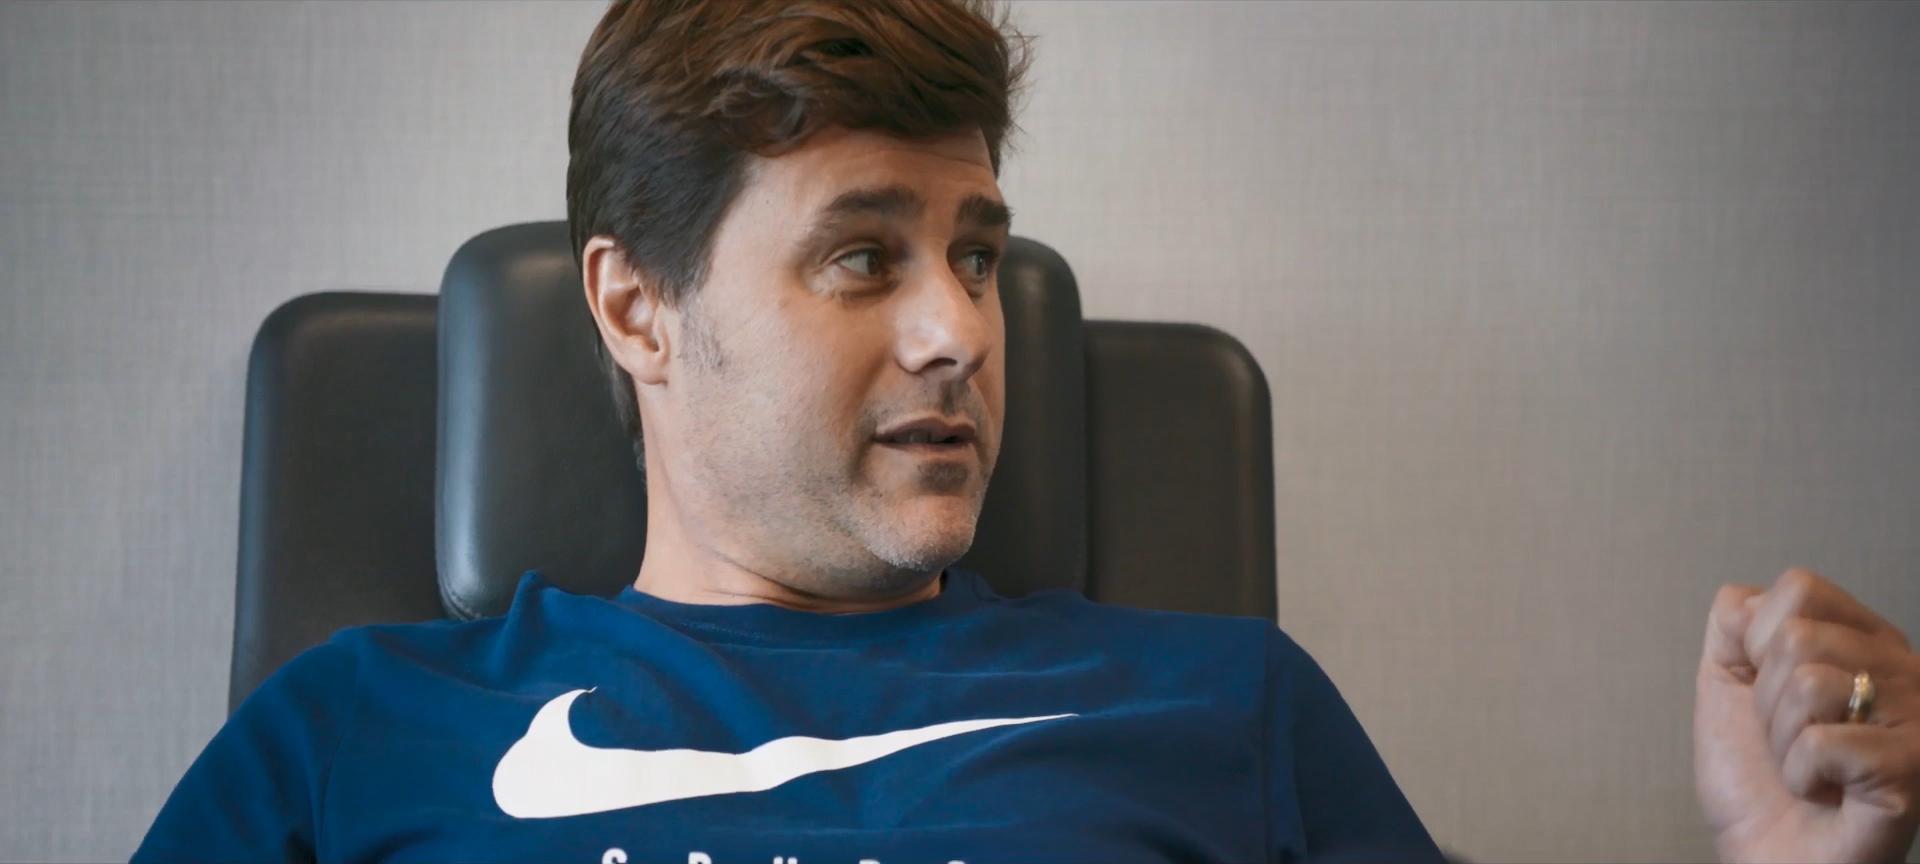 Изображение для Всё или ничего: Тотэнхем Хотспур / All or Nothing: Tottenham Hotspur, Сезон 1, Серии 1-9 из 9 (2020) WEBRip 1080p (кликните для просмотра полного изображения)